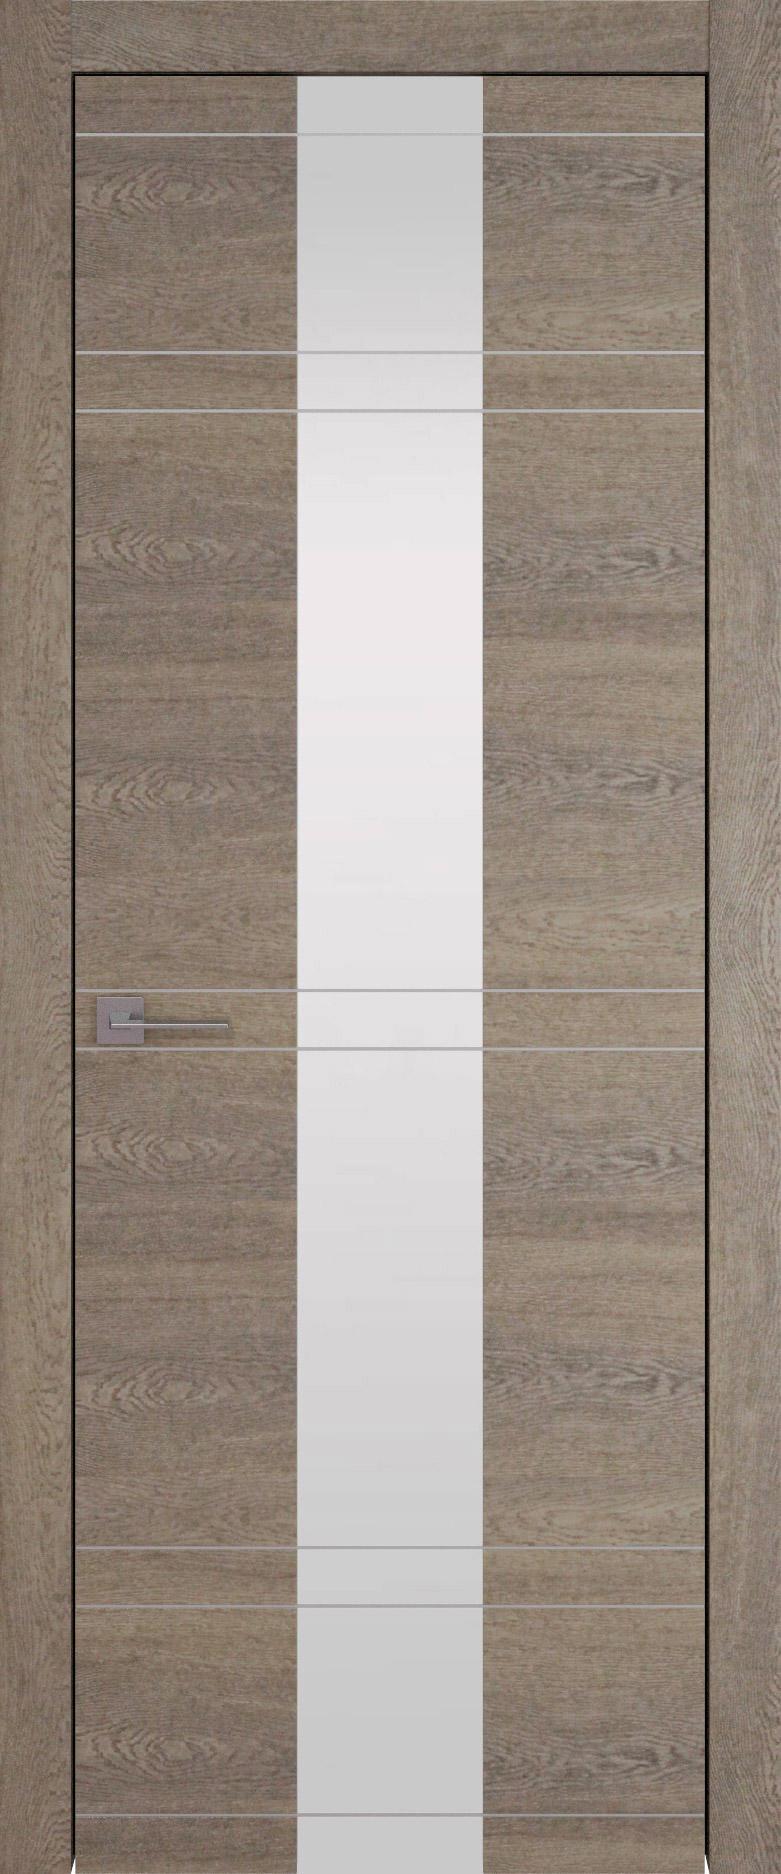 Tivoli Ж-4 цвет - Дуб антик Со стеклом (ДО)